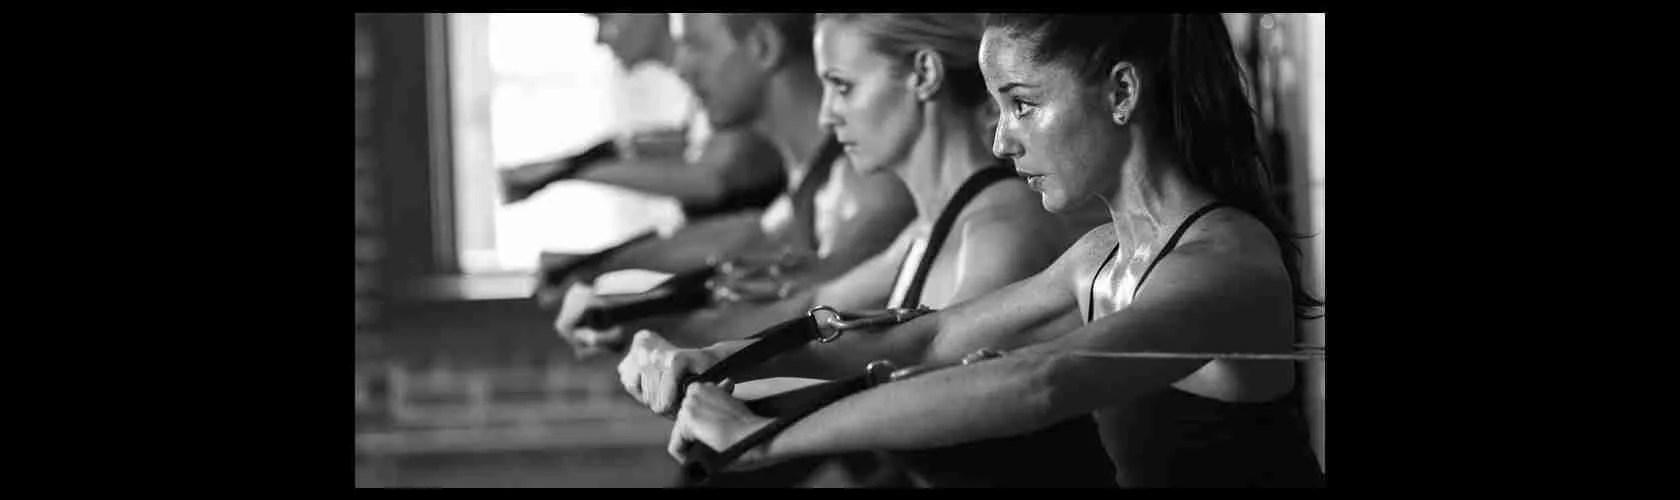 RiminiWellness. Le escort Rimini amano il fitness per tenersi in forma. Magica Escort